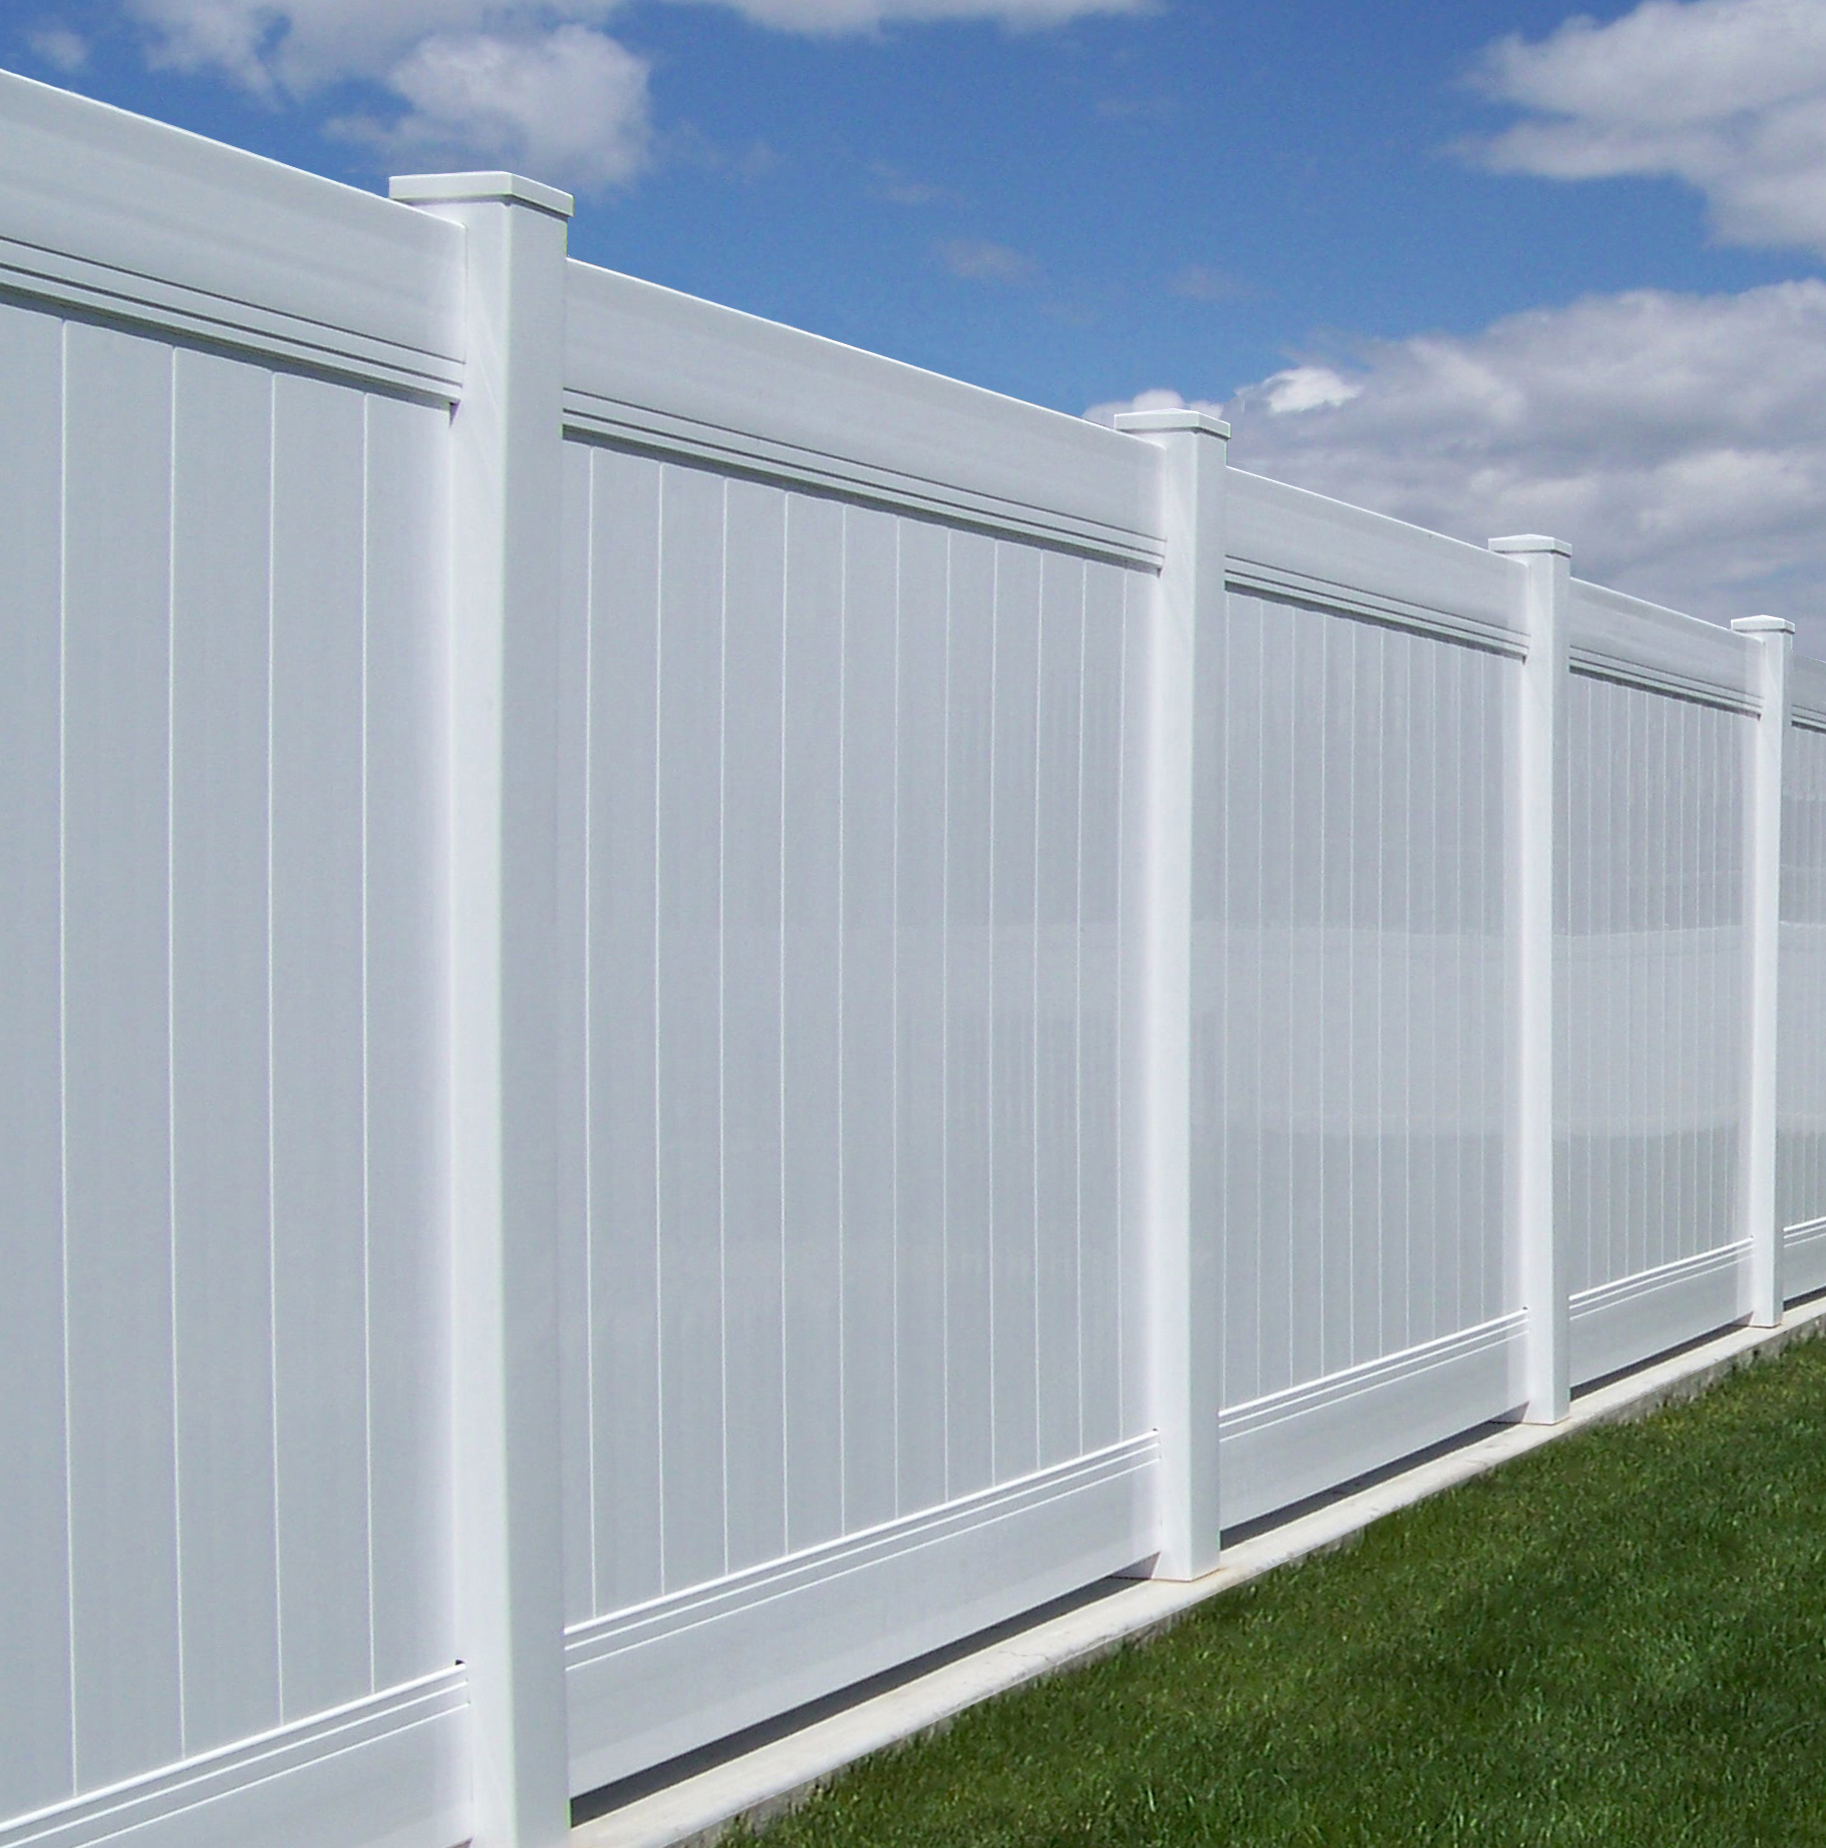 High Wind vinyl fence in Utah | Vinyl Fence Experts